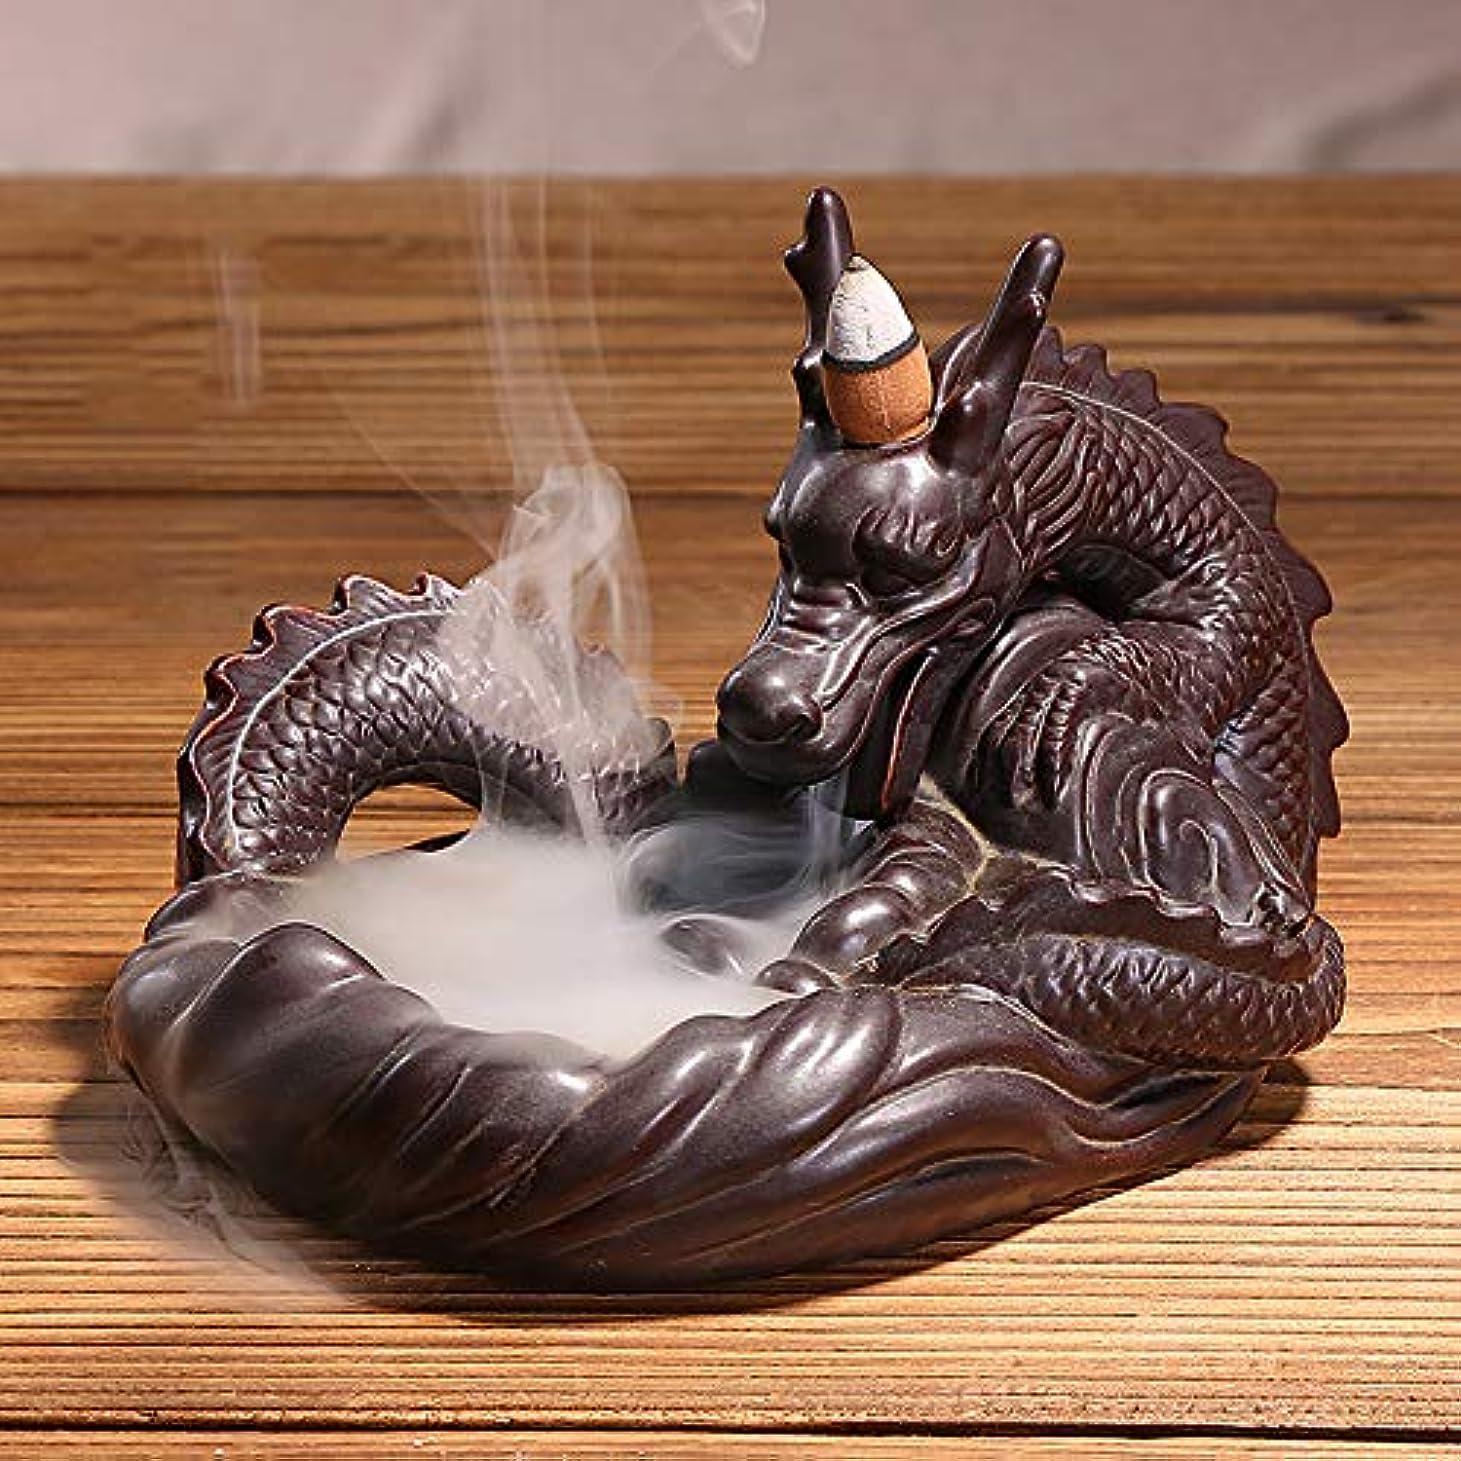 誰が一目将来のHandmade Ceramic Dragon Incense Holder for Sticks or Cones, Backflow Incense Burner Figurine Incense Cone Holders Home Decor Gift Decorations Statue Mythical Ornaments